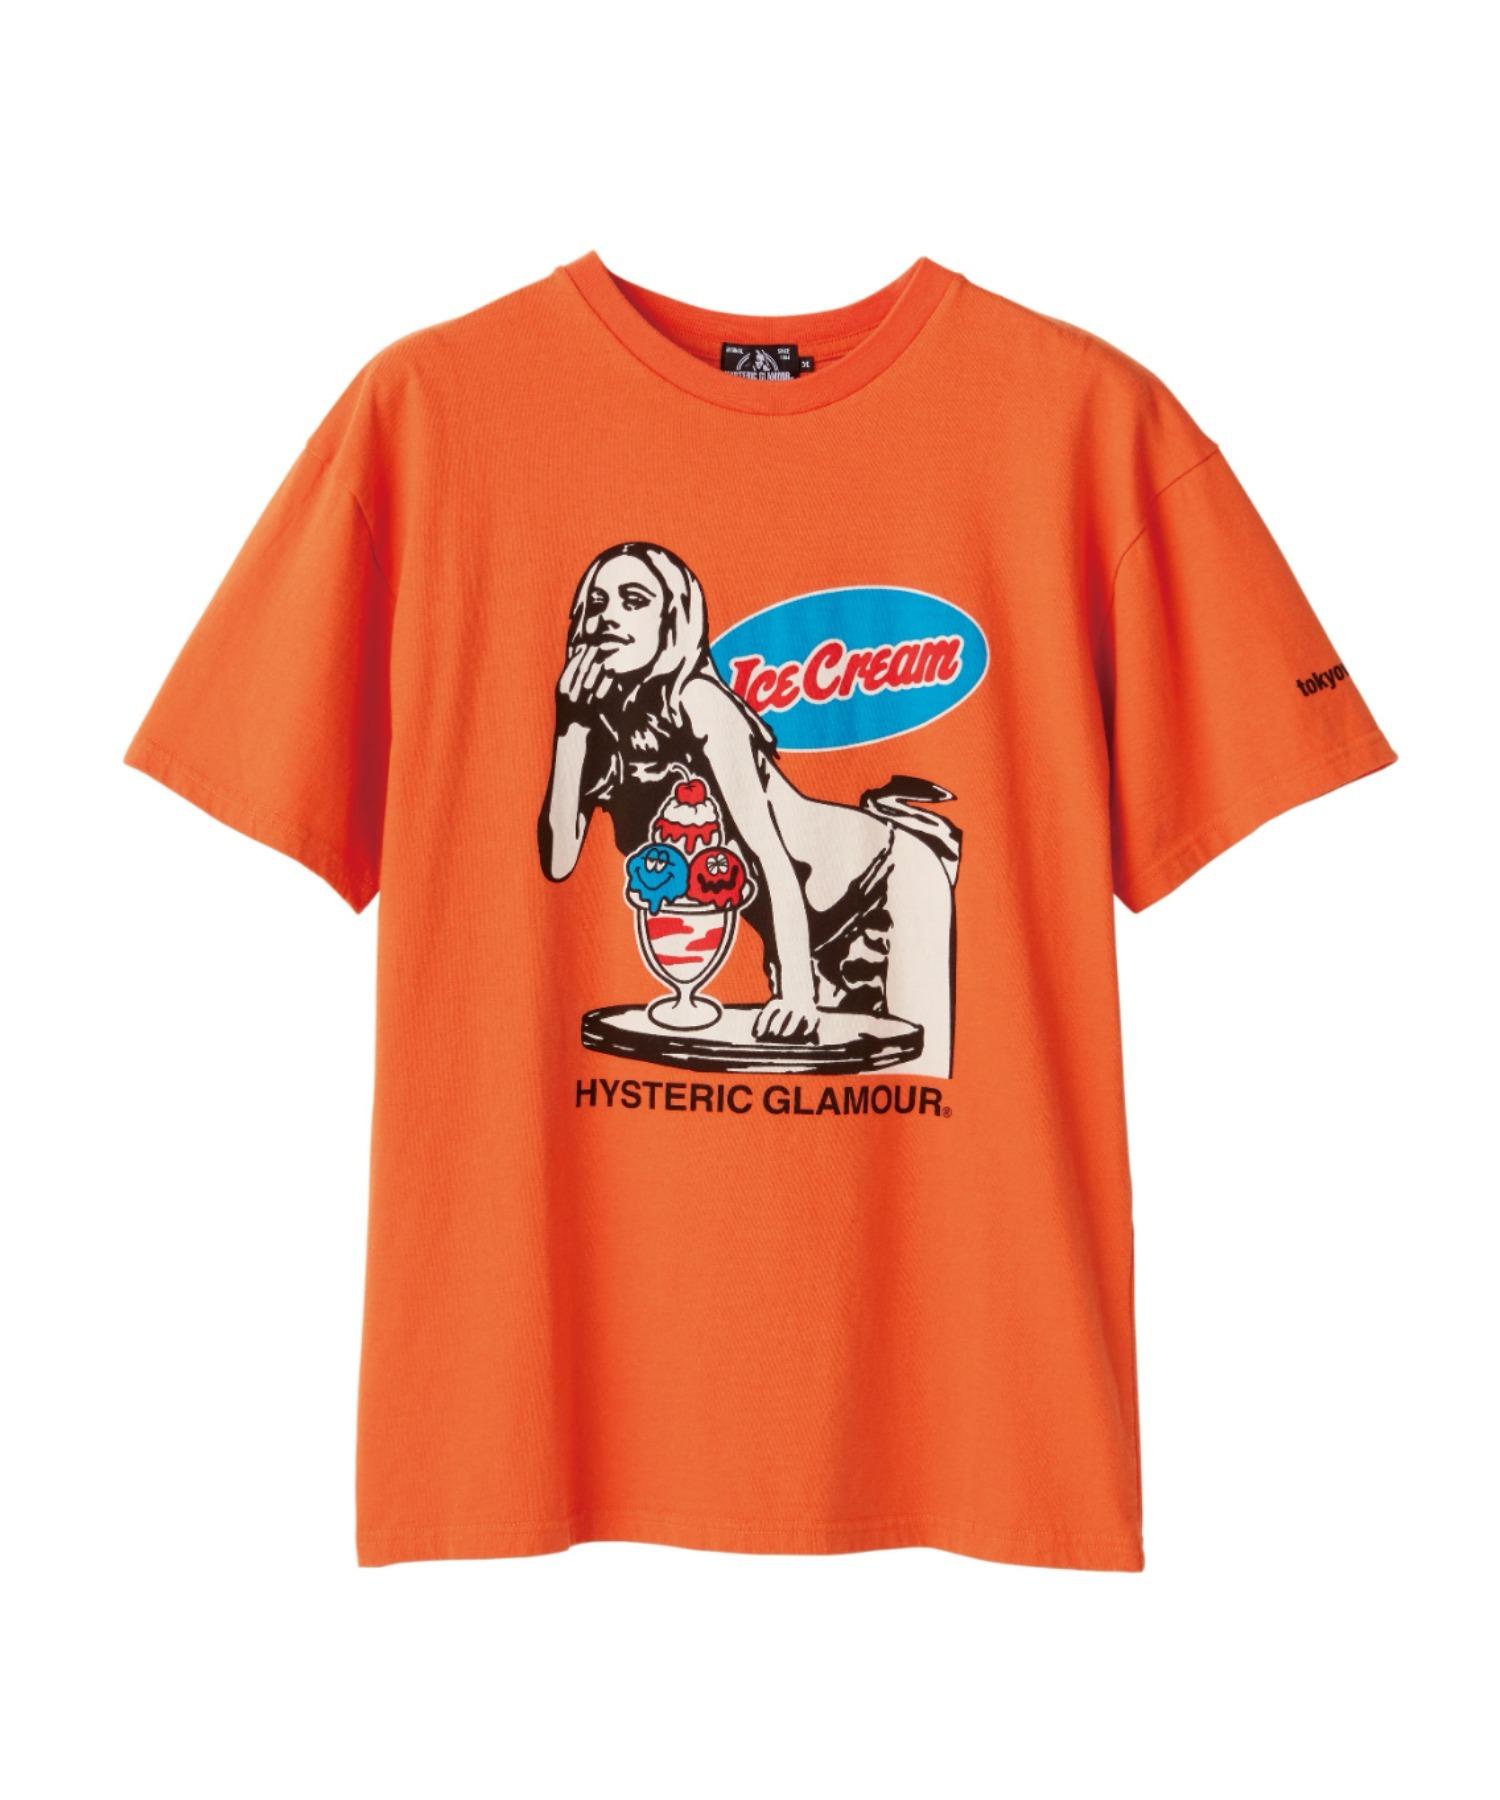 TOKYOVITAMIN/PARFAIT GIRL Tシャツ